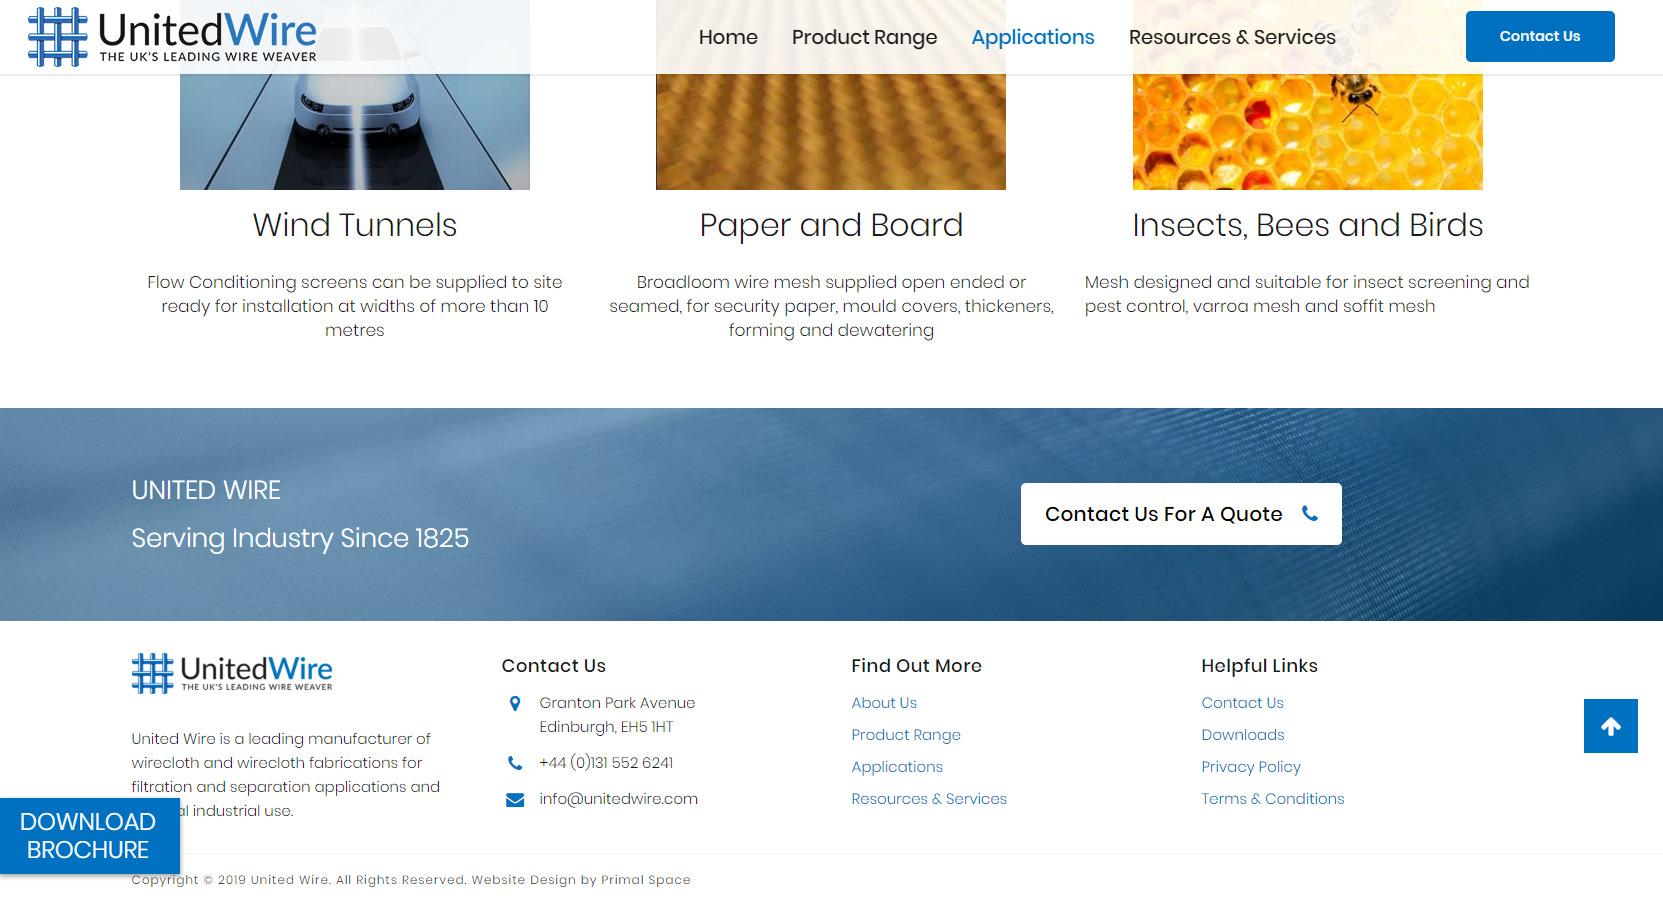 United Wire Website Design